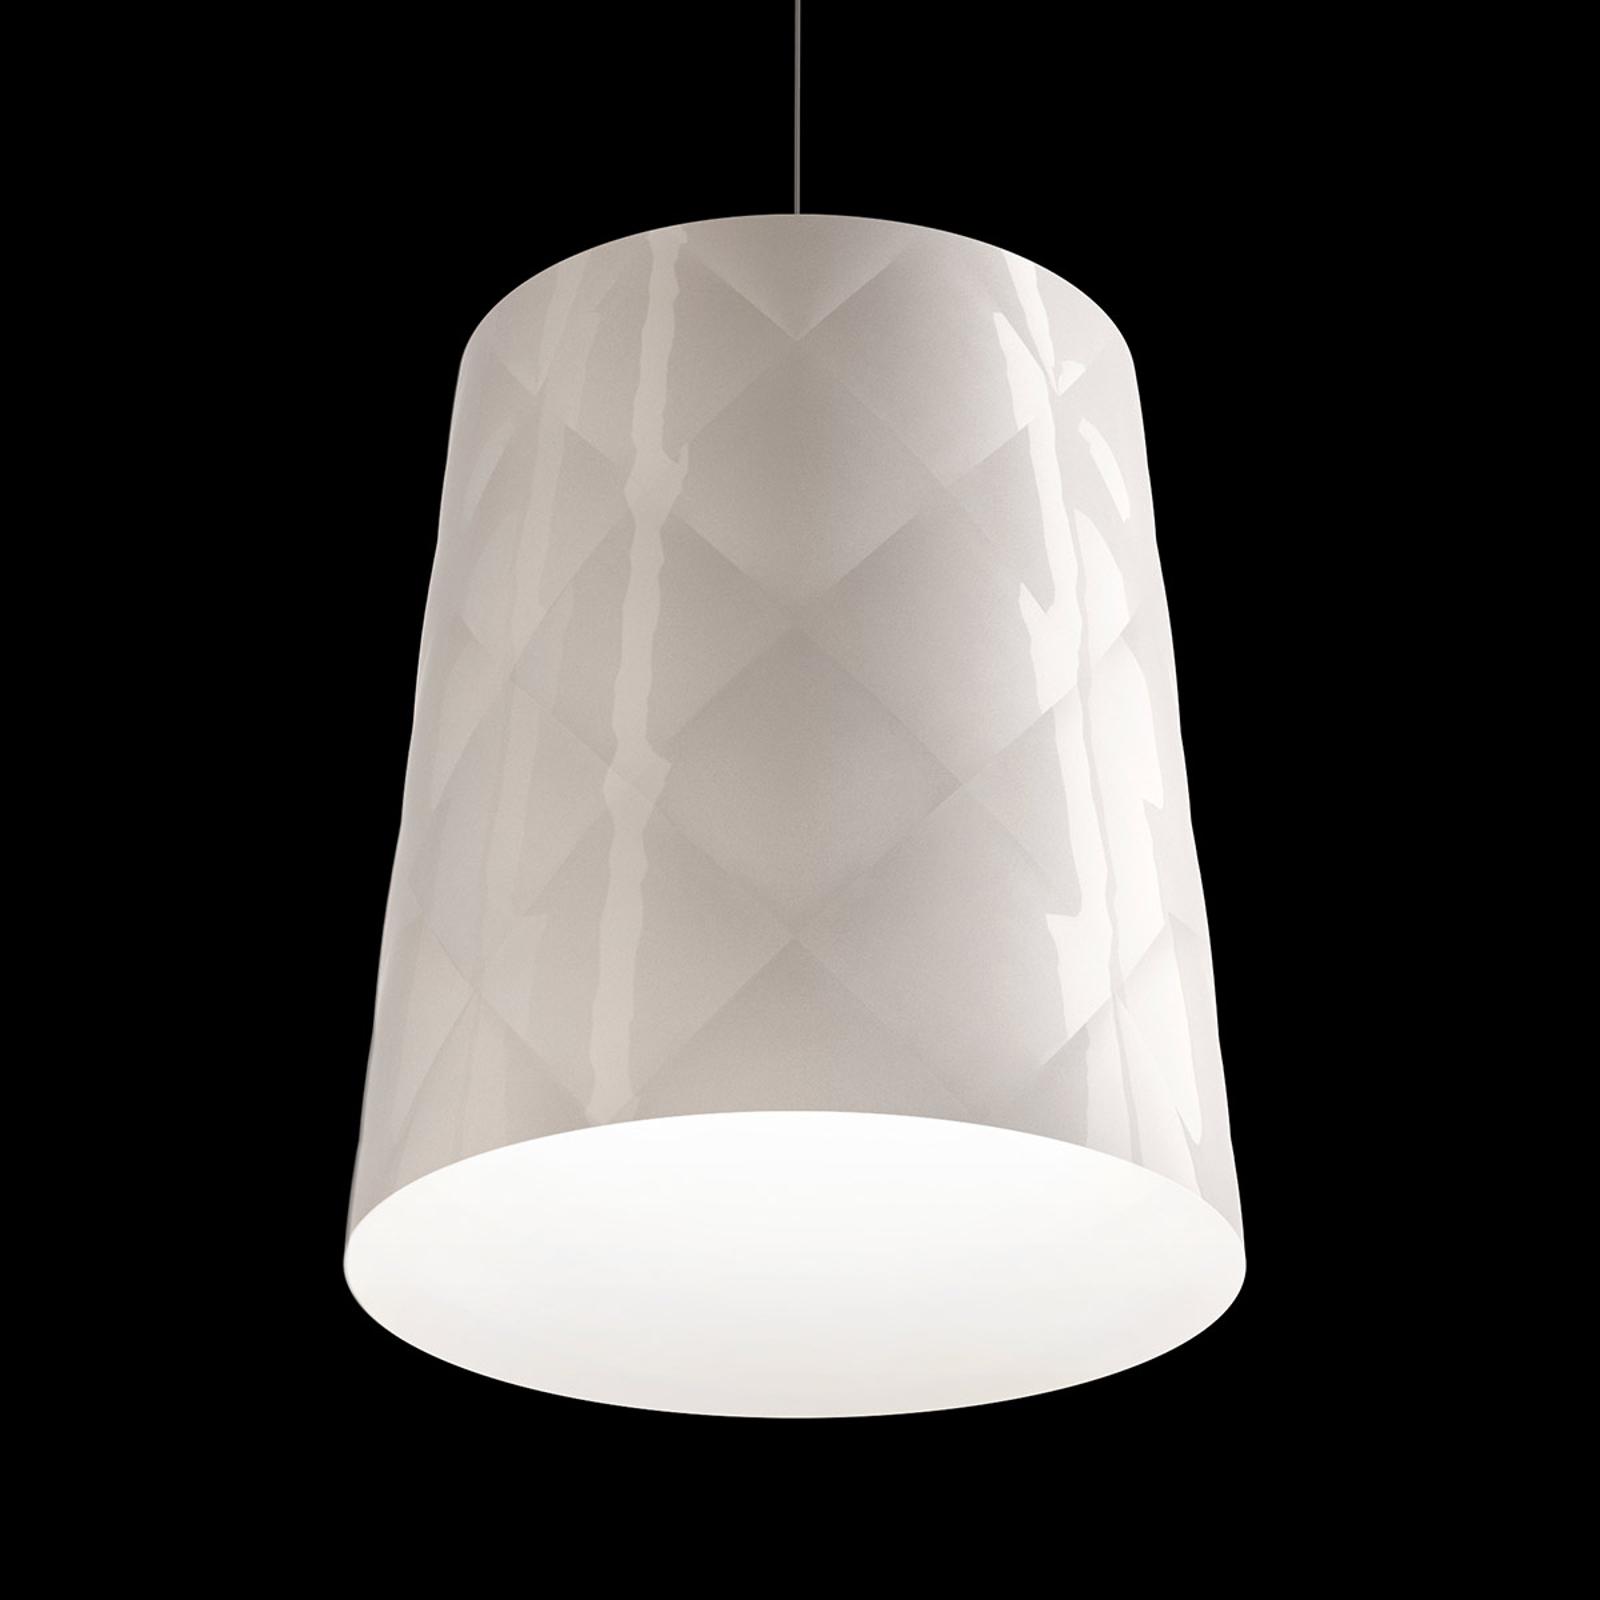 Kundalini New York lampa wisząca, Ø 33 cm, biała